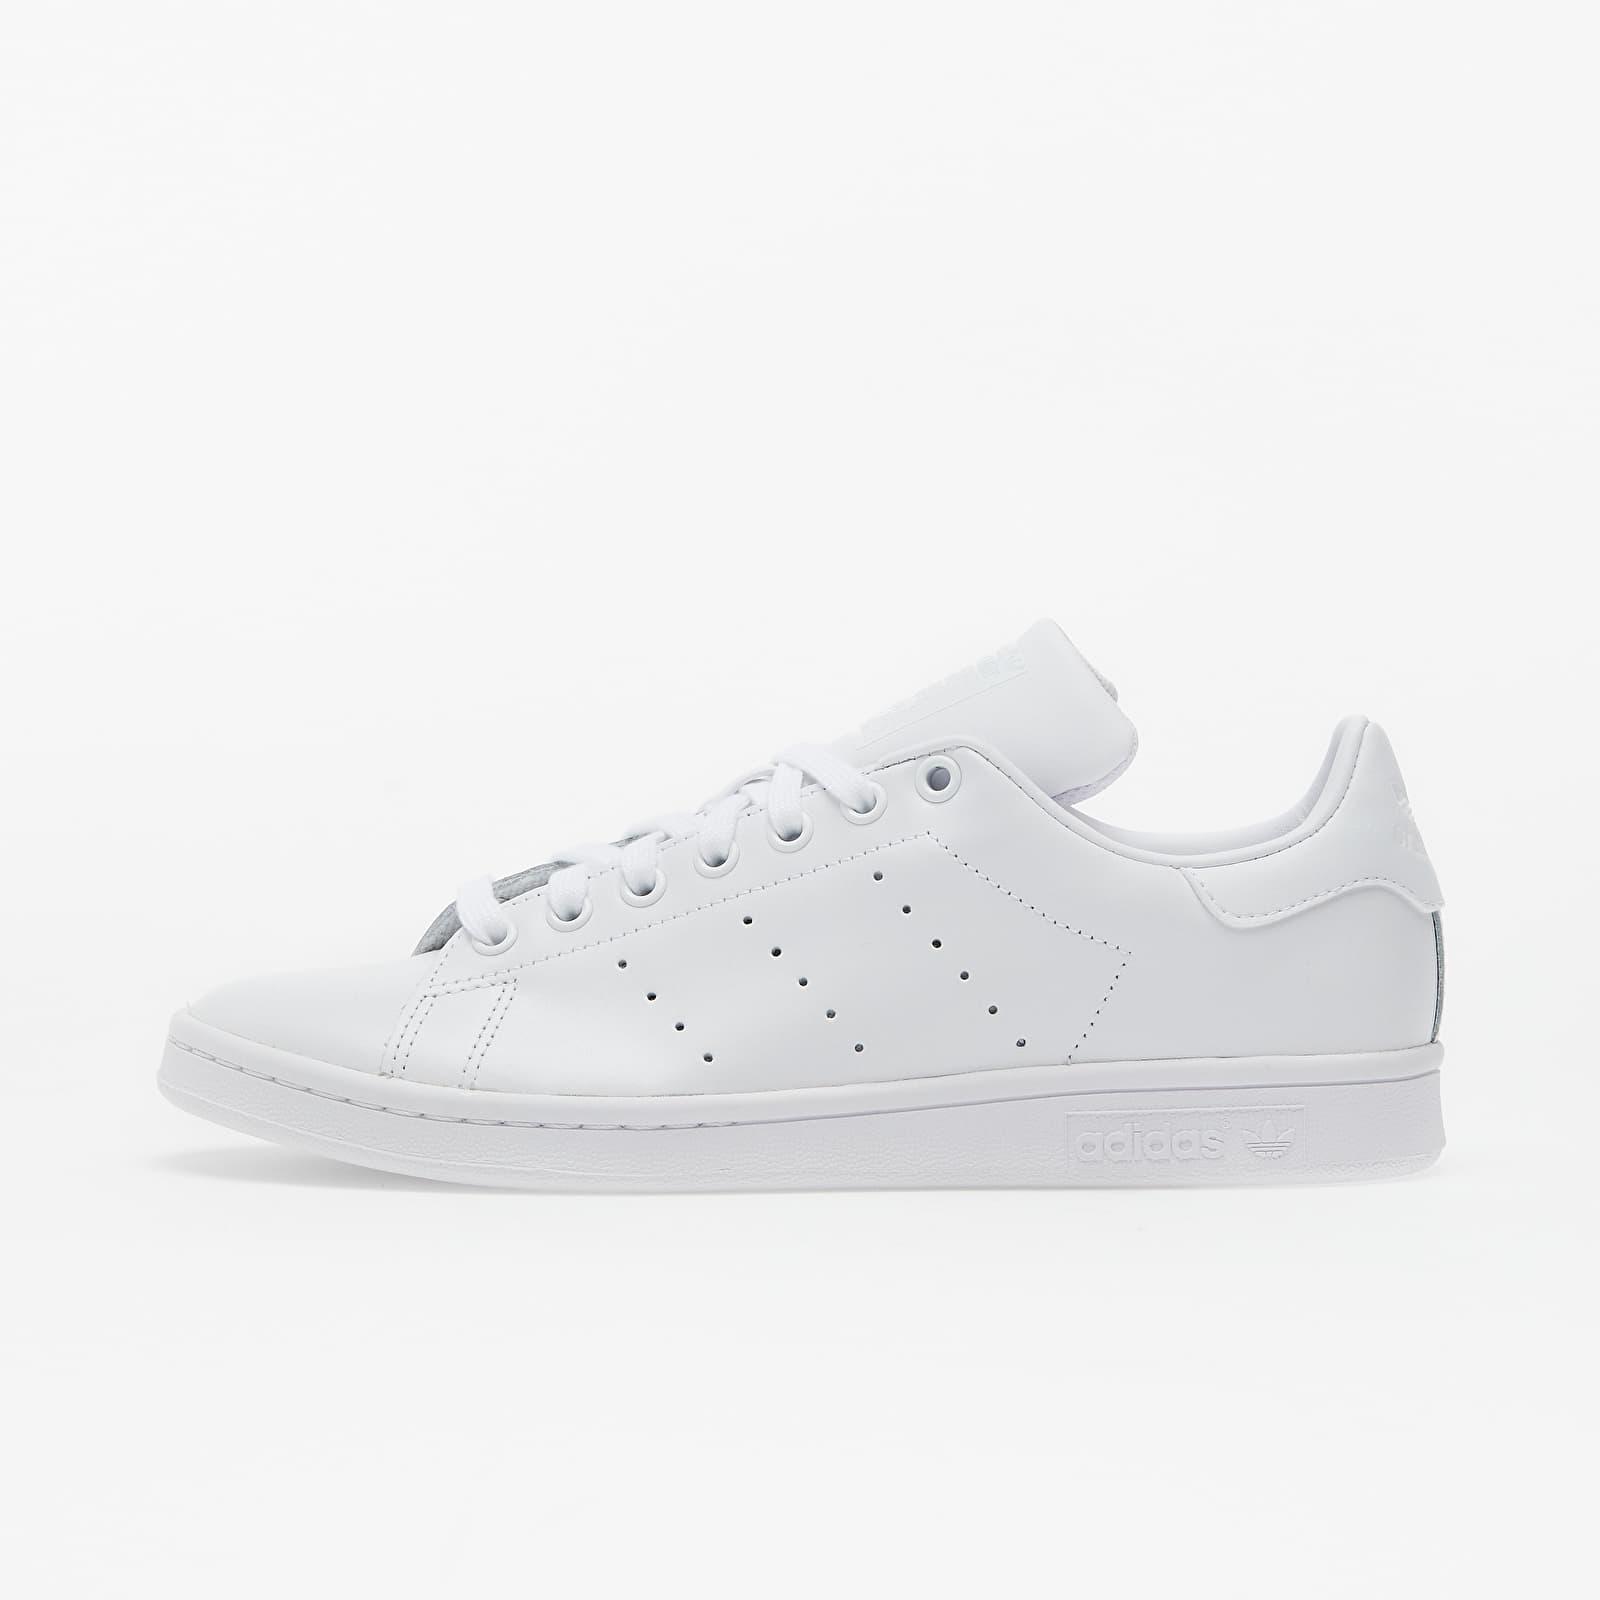 adidas Stan Smith Ftw White/ Ftw White/ Ftw White EUR 46